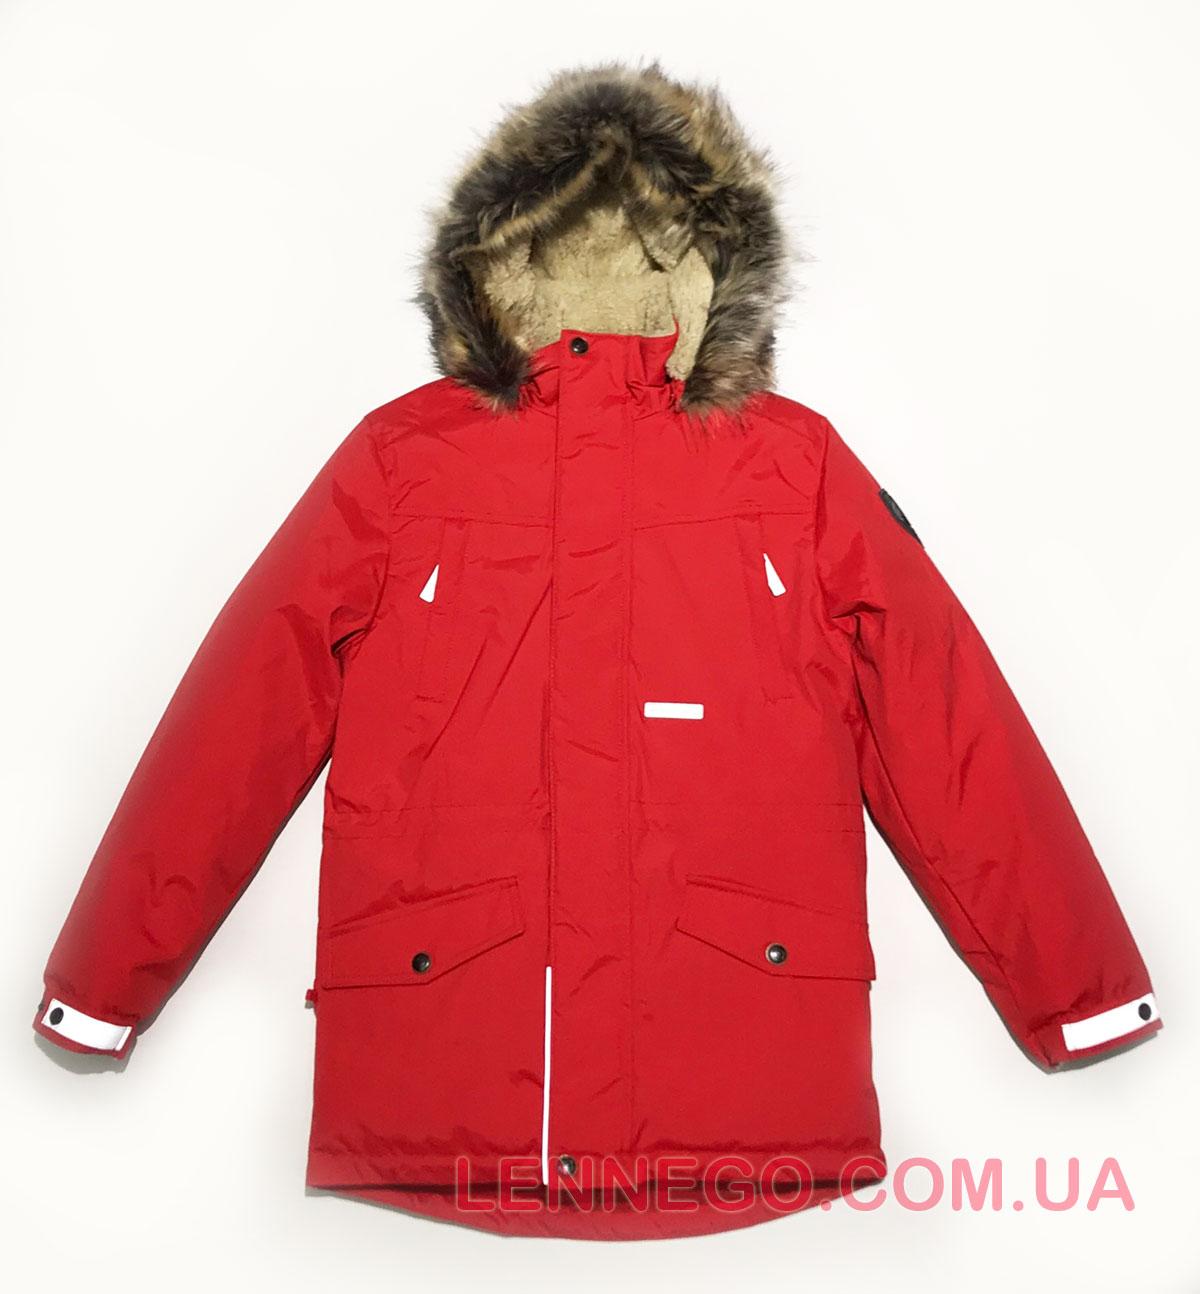 Lenne Ryan куртка парка для мальчика красная, подросток